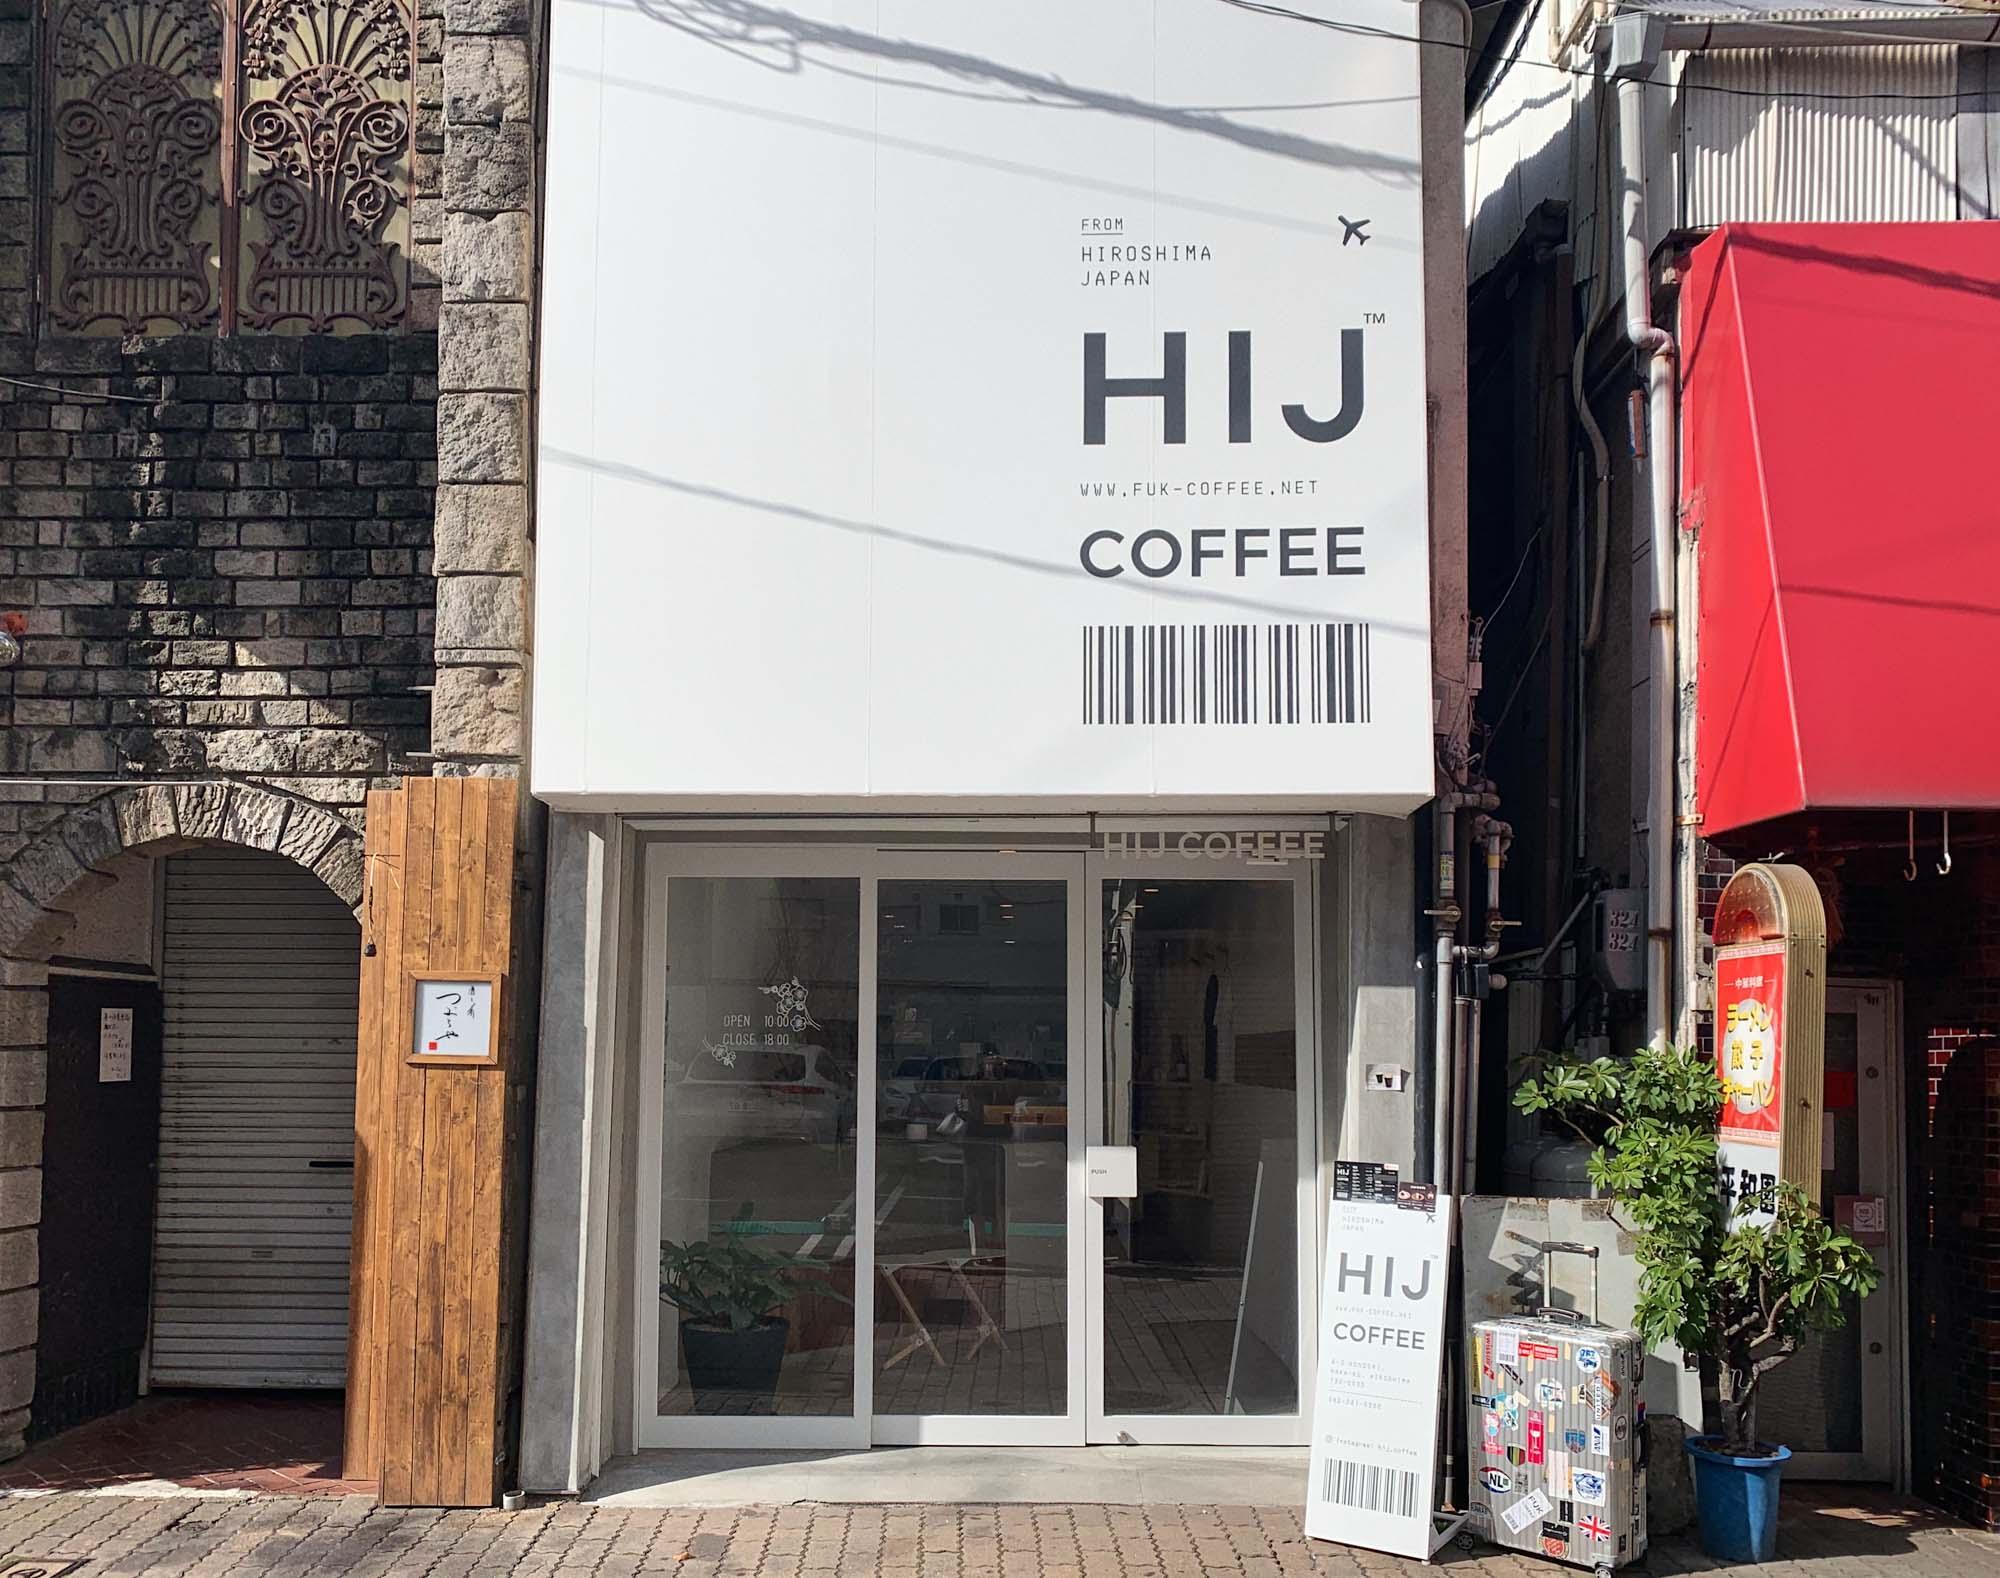 福岡や大阪、名古屋、長崎にも系列店舗がある、「HIJCOFFEE」。2020年の8月にオープンしたばかりのお店です。